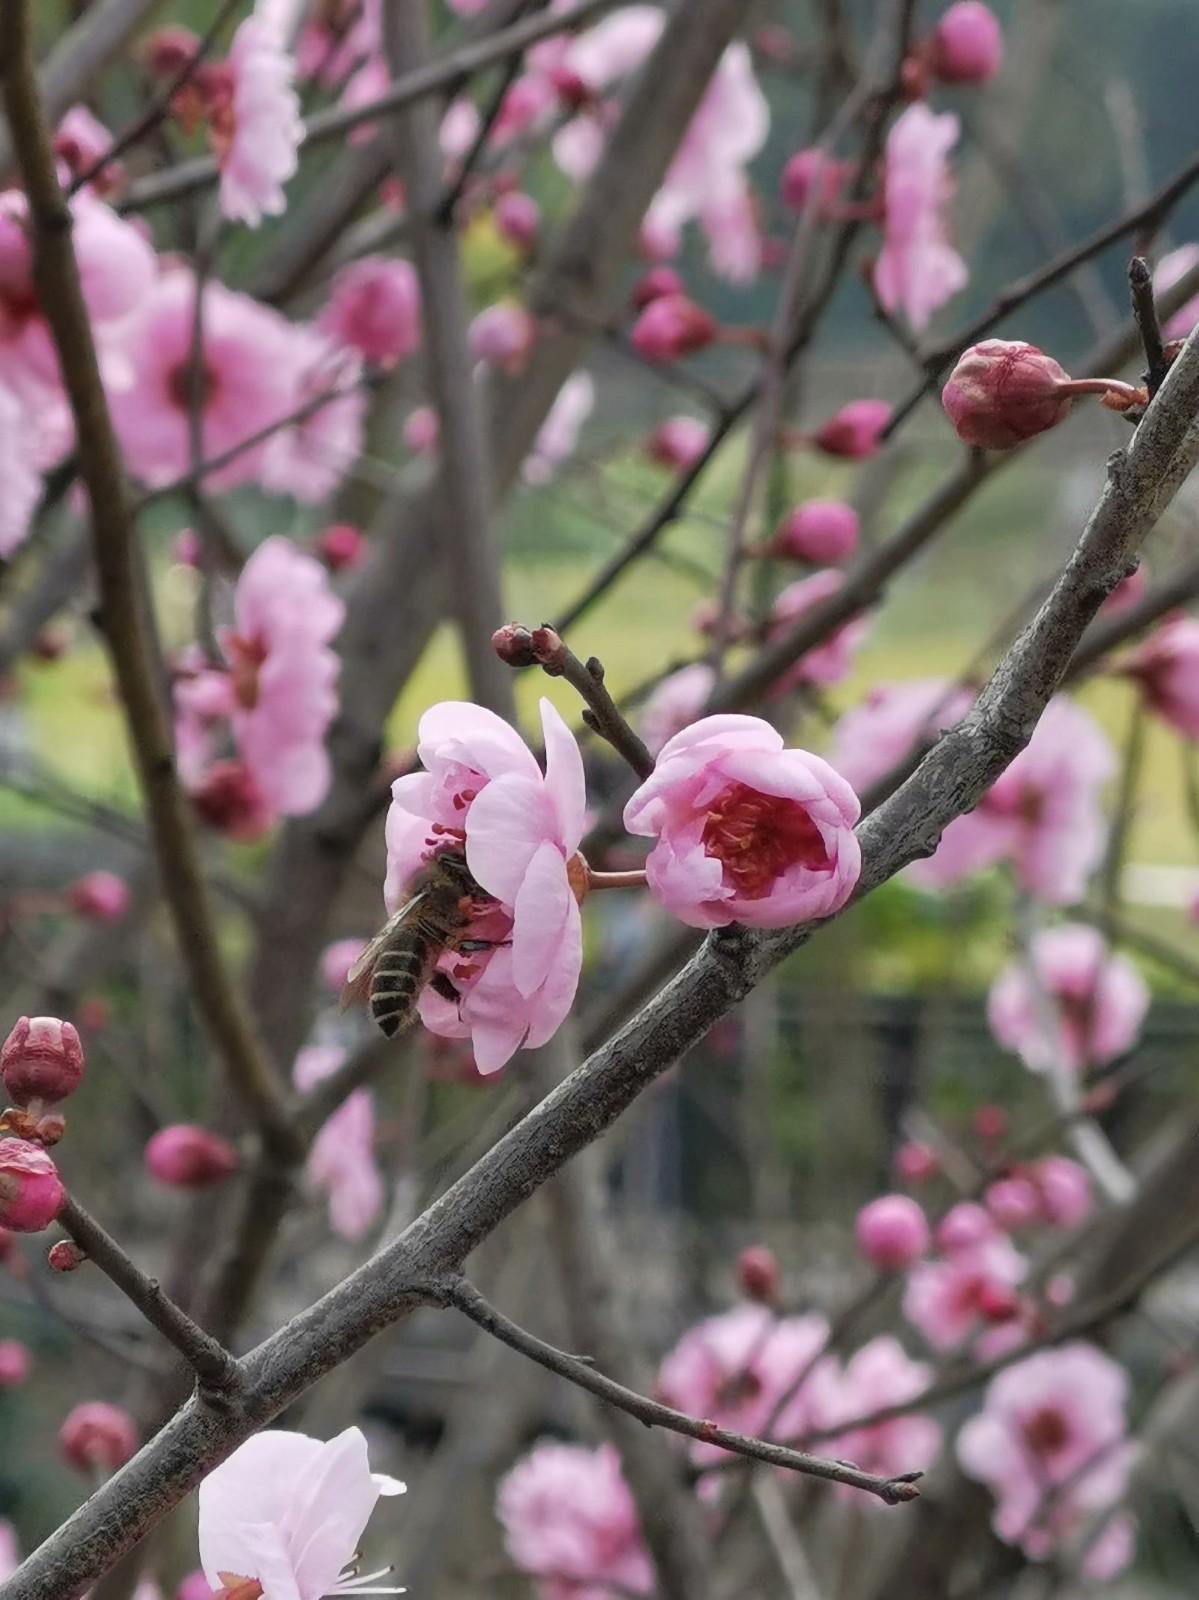 正月初六桃花开,蜜蜂闻讯采蜜来_图1-1